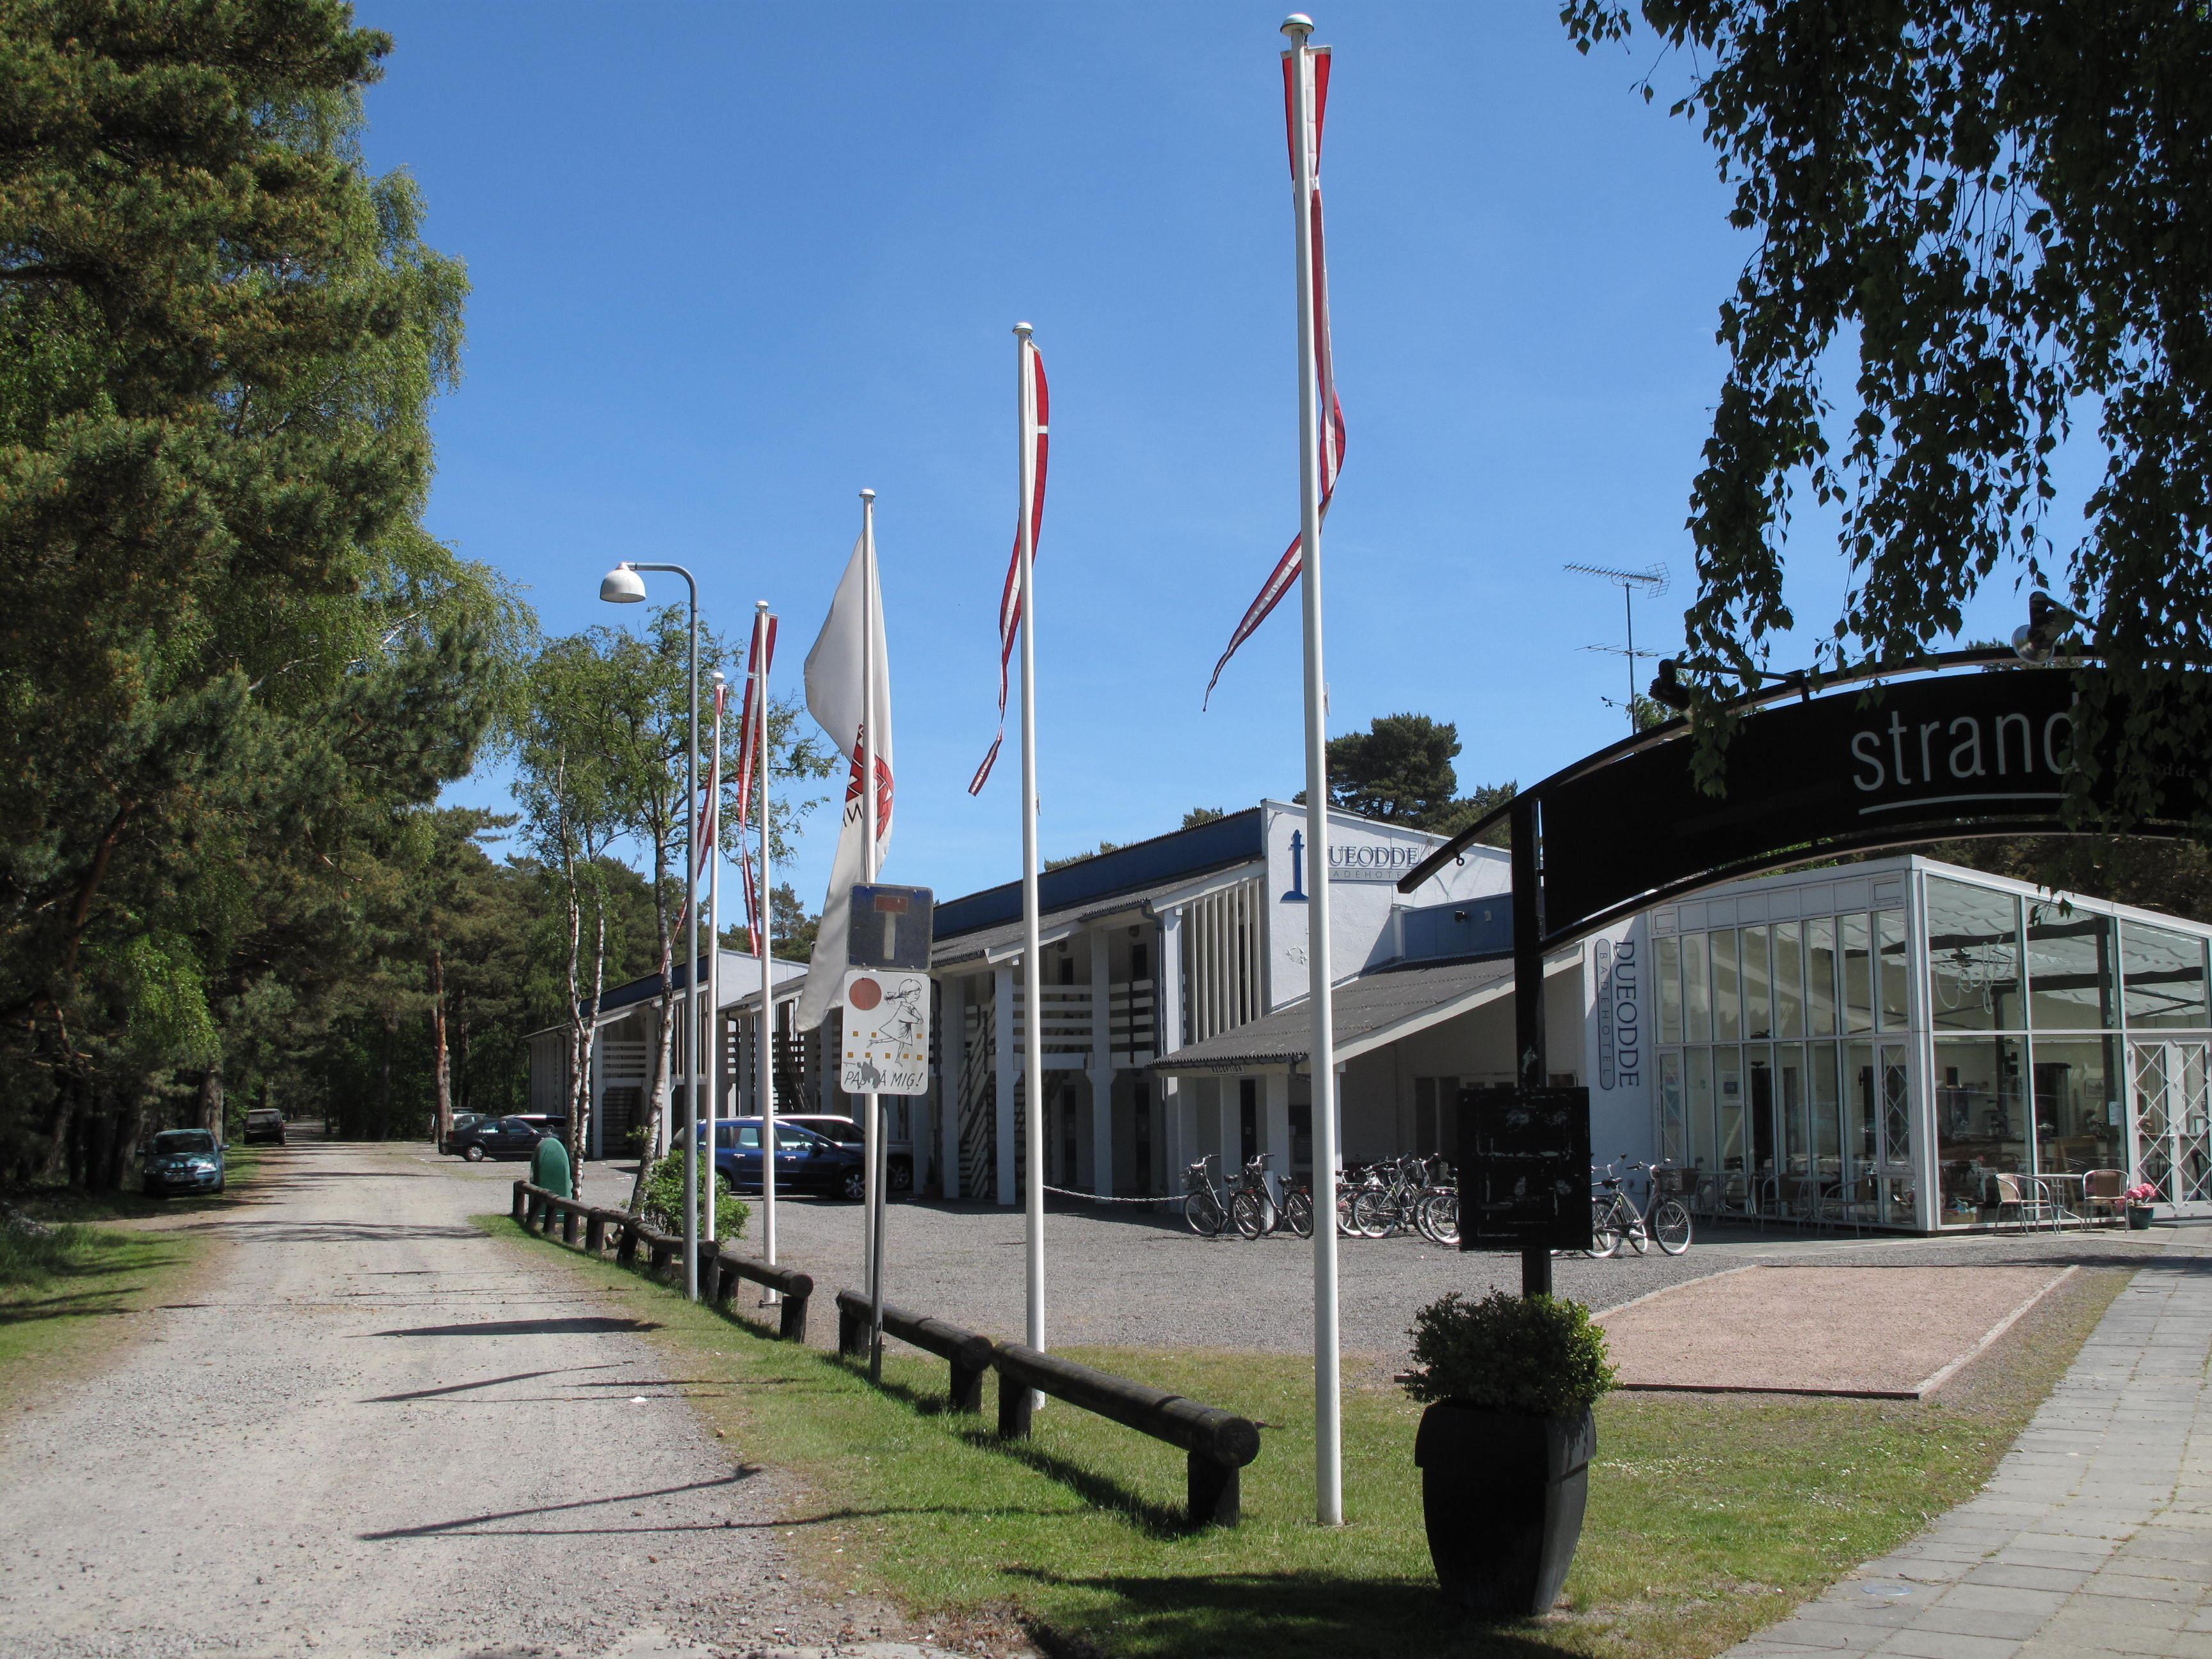 Dueodde Badehotel - Ferielejligheder på Dueodde